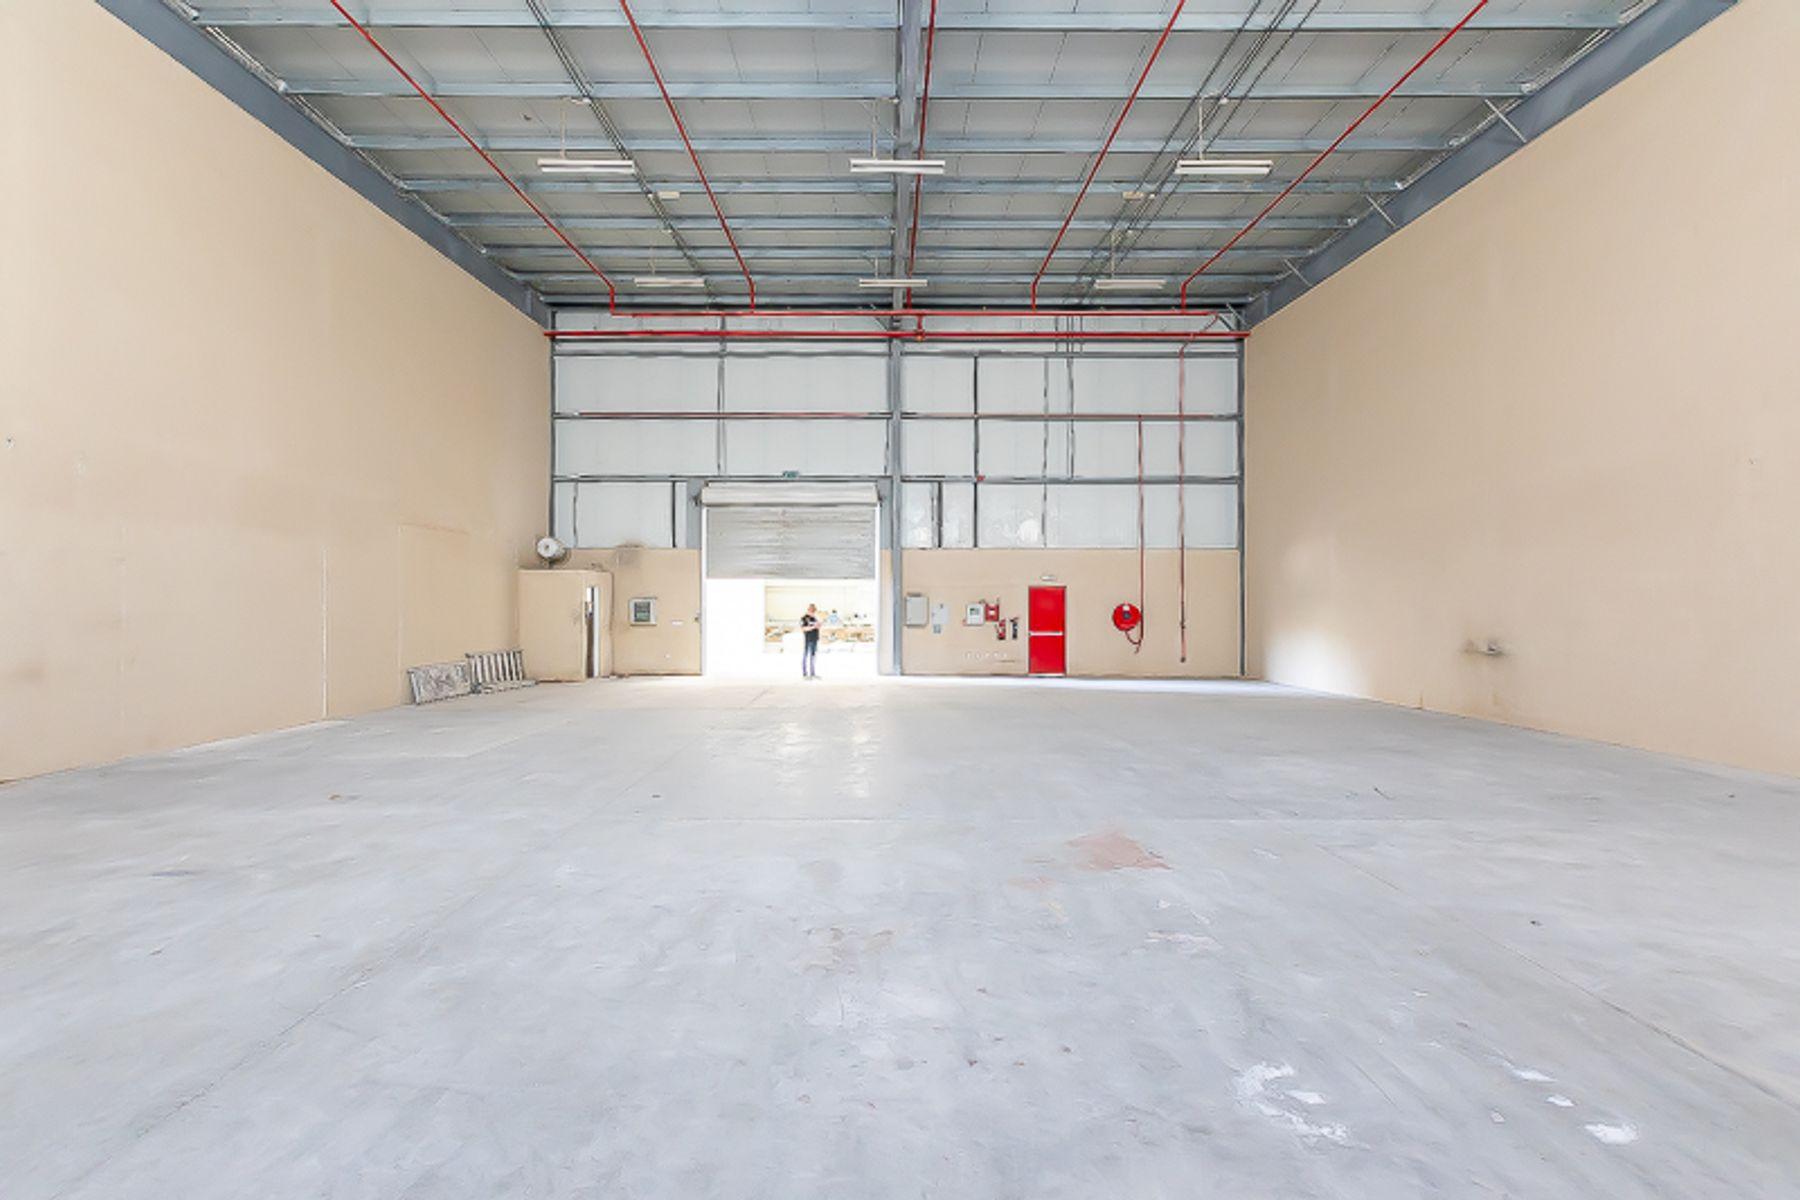 Warehouse for Rent in Jebel Ali Industrial 3 - Jebel Ali